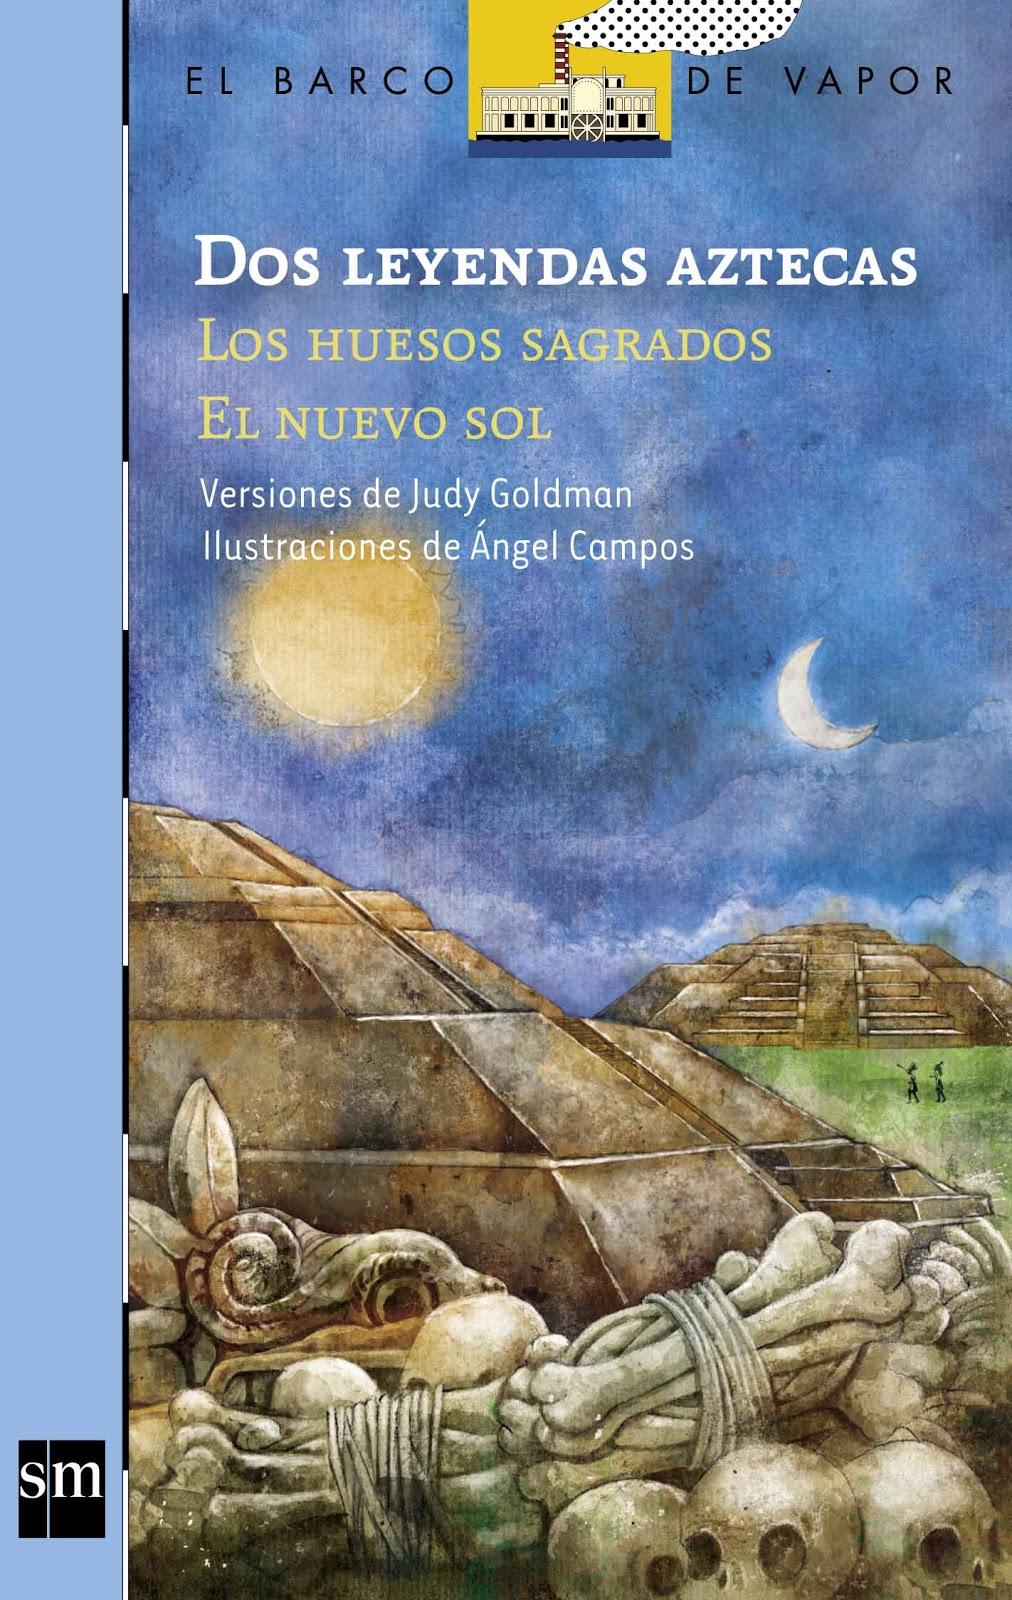 Brebajes, pócimas y cuentos/Concoctions, Potions and